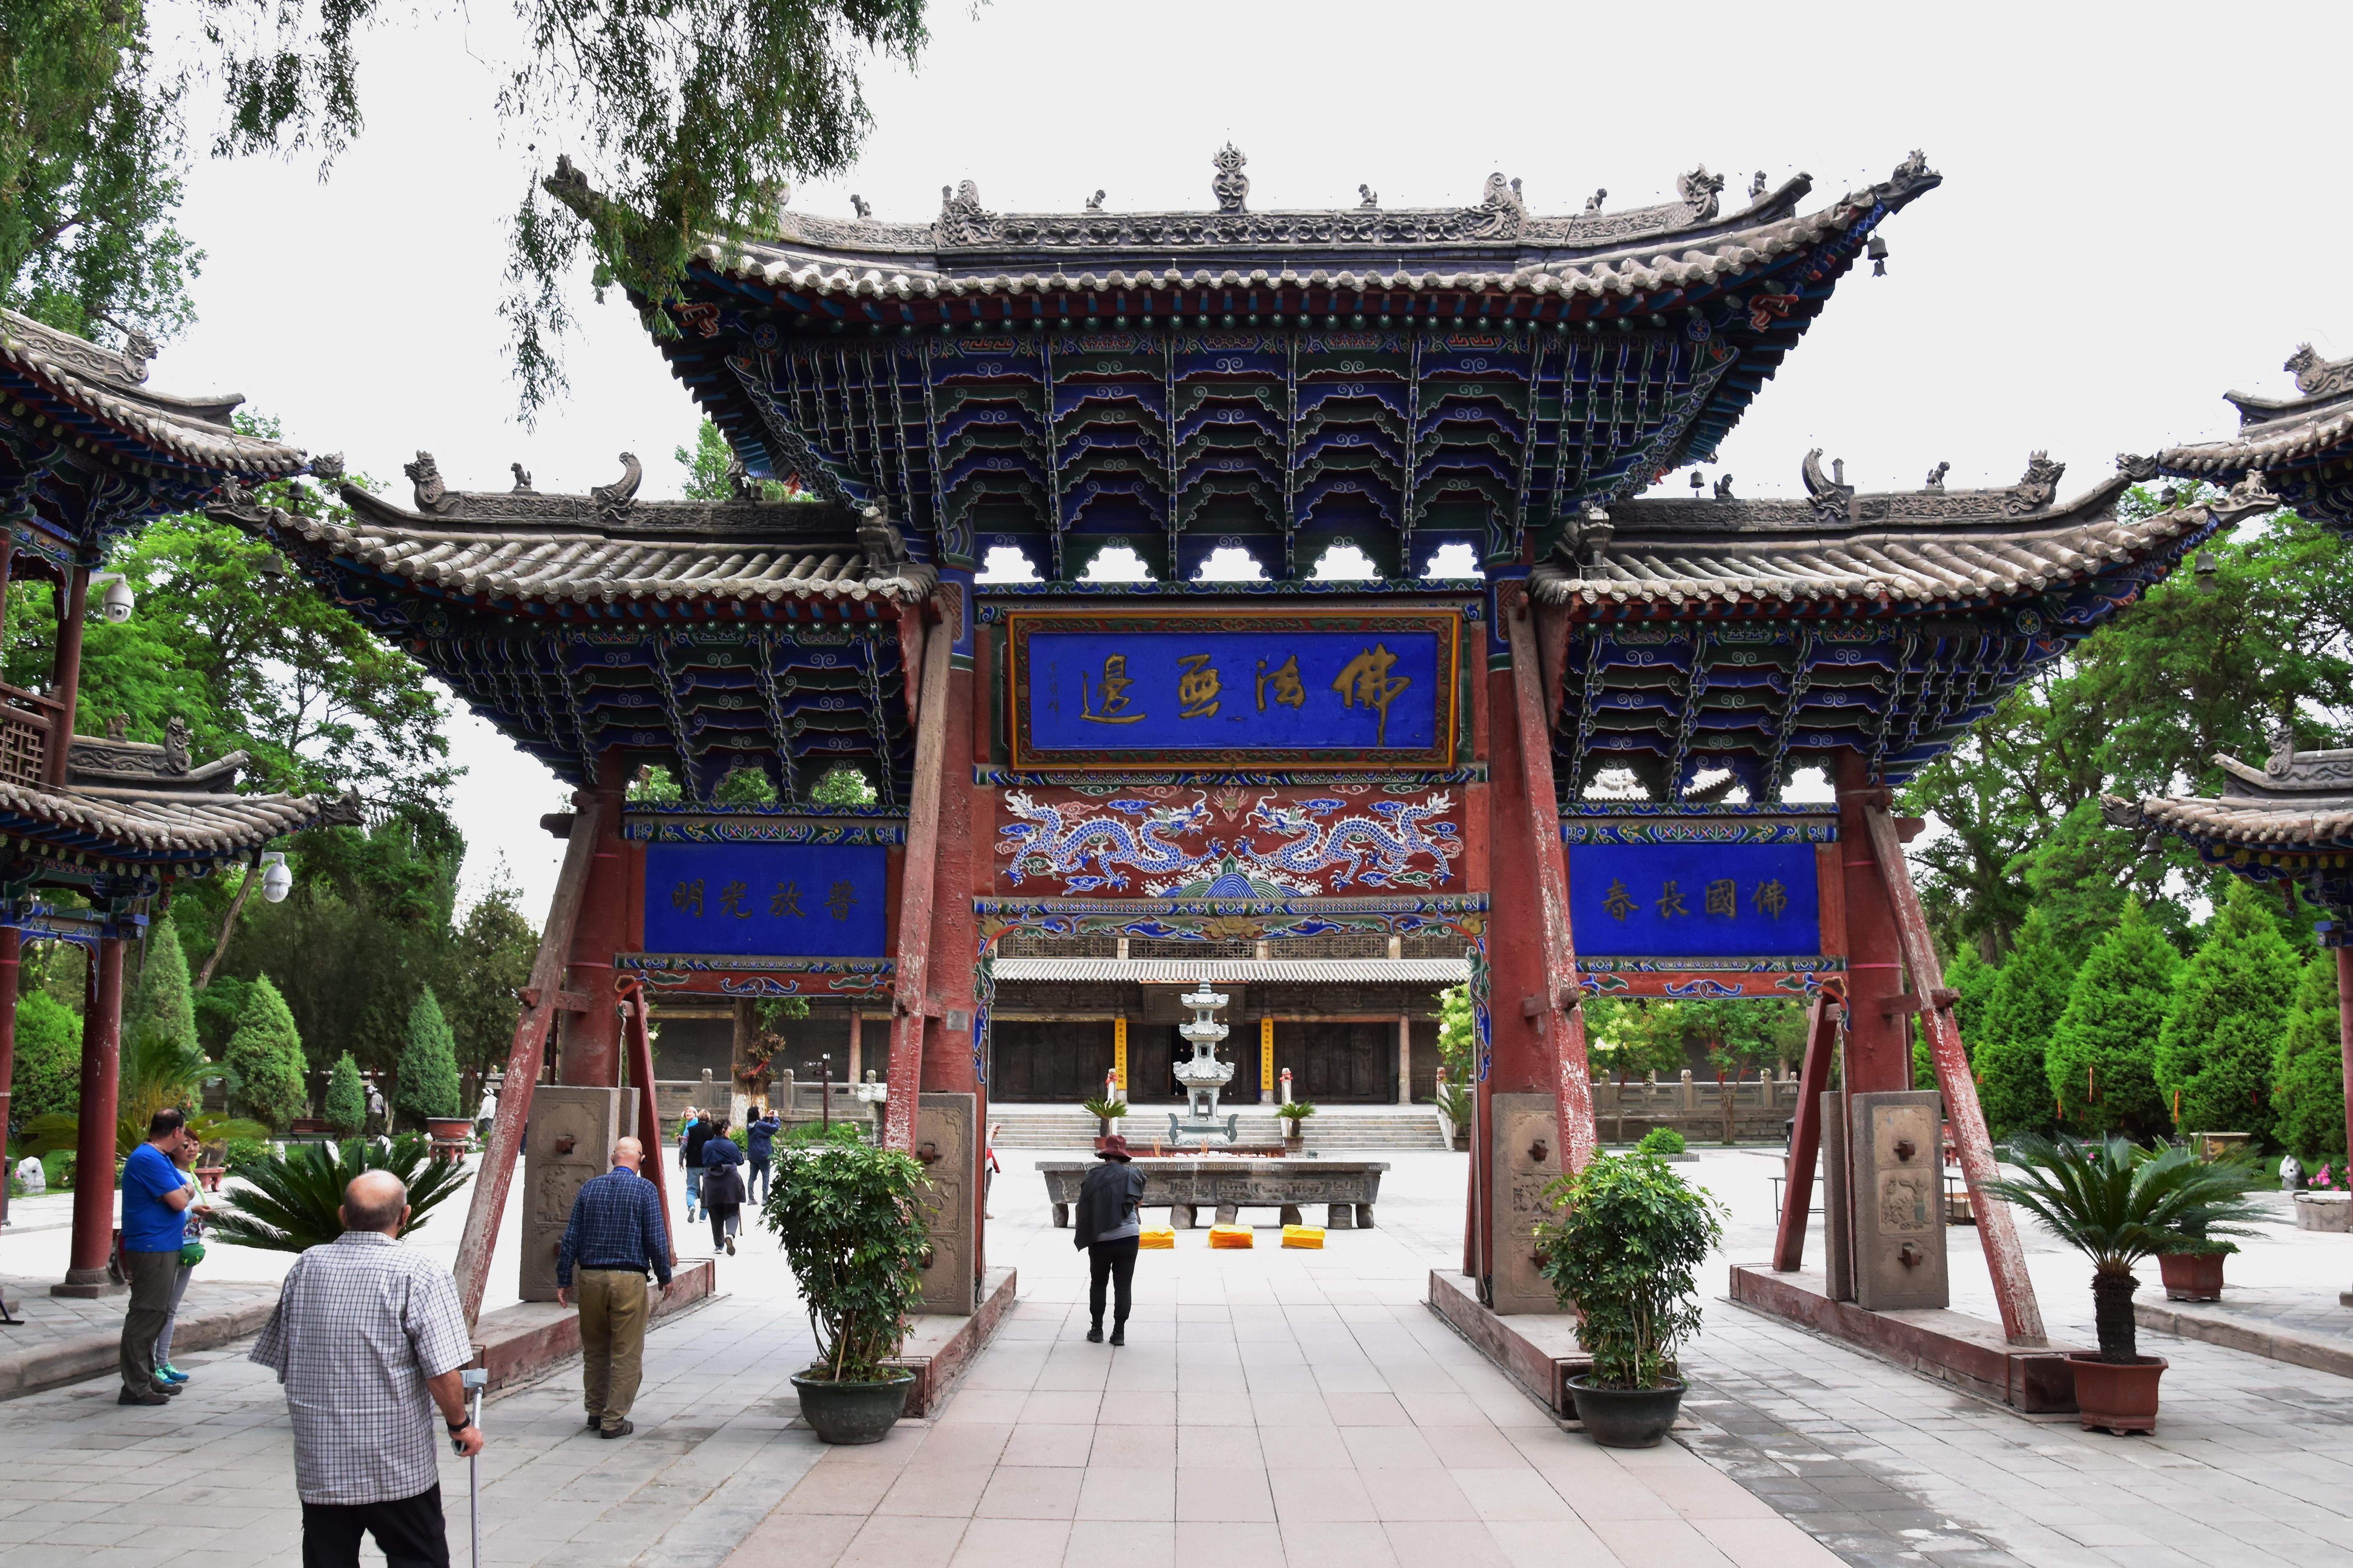 035 - ג'אנג יה - מקדש הבודהה השוכב